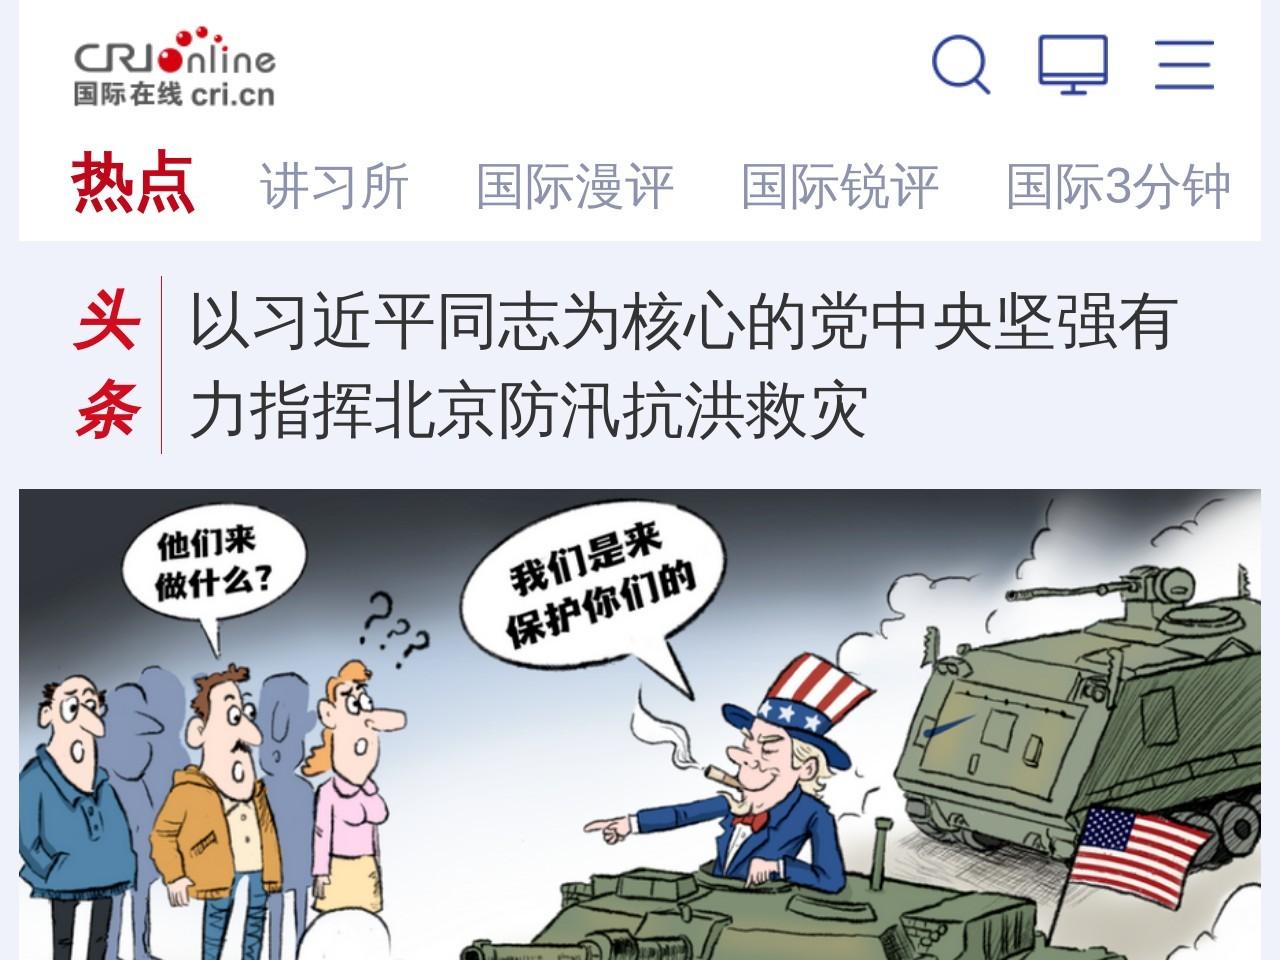 国际在线_读懂国际 点赞中国